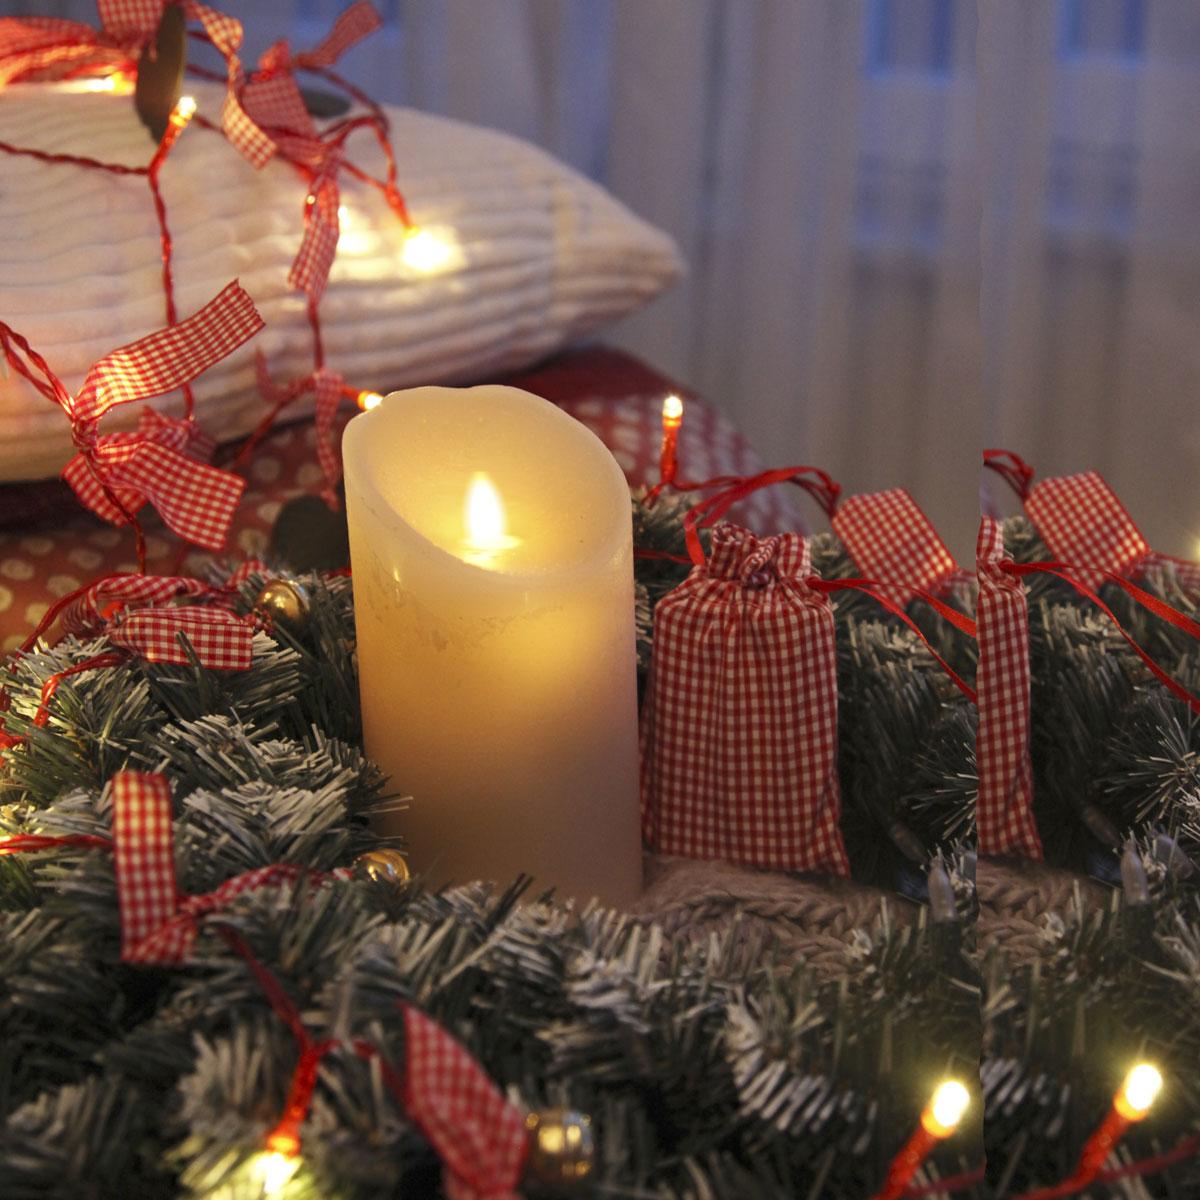 Kerze eingebettet in weihnachtlicher Stimmung